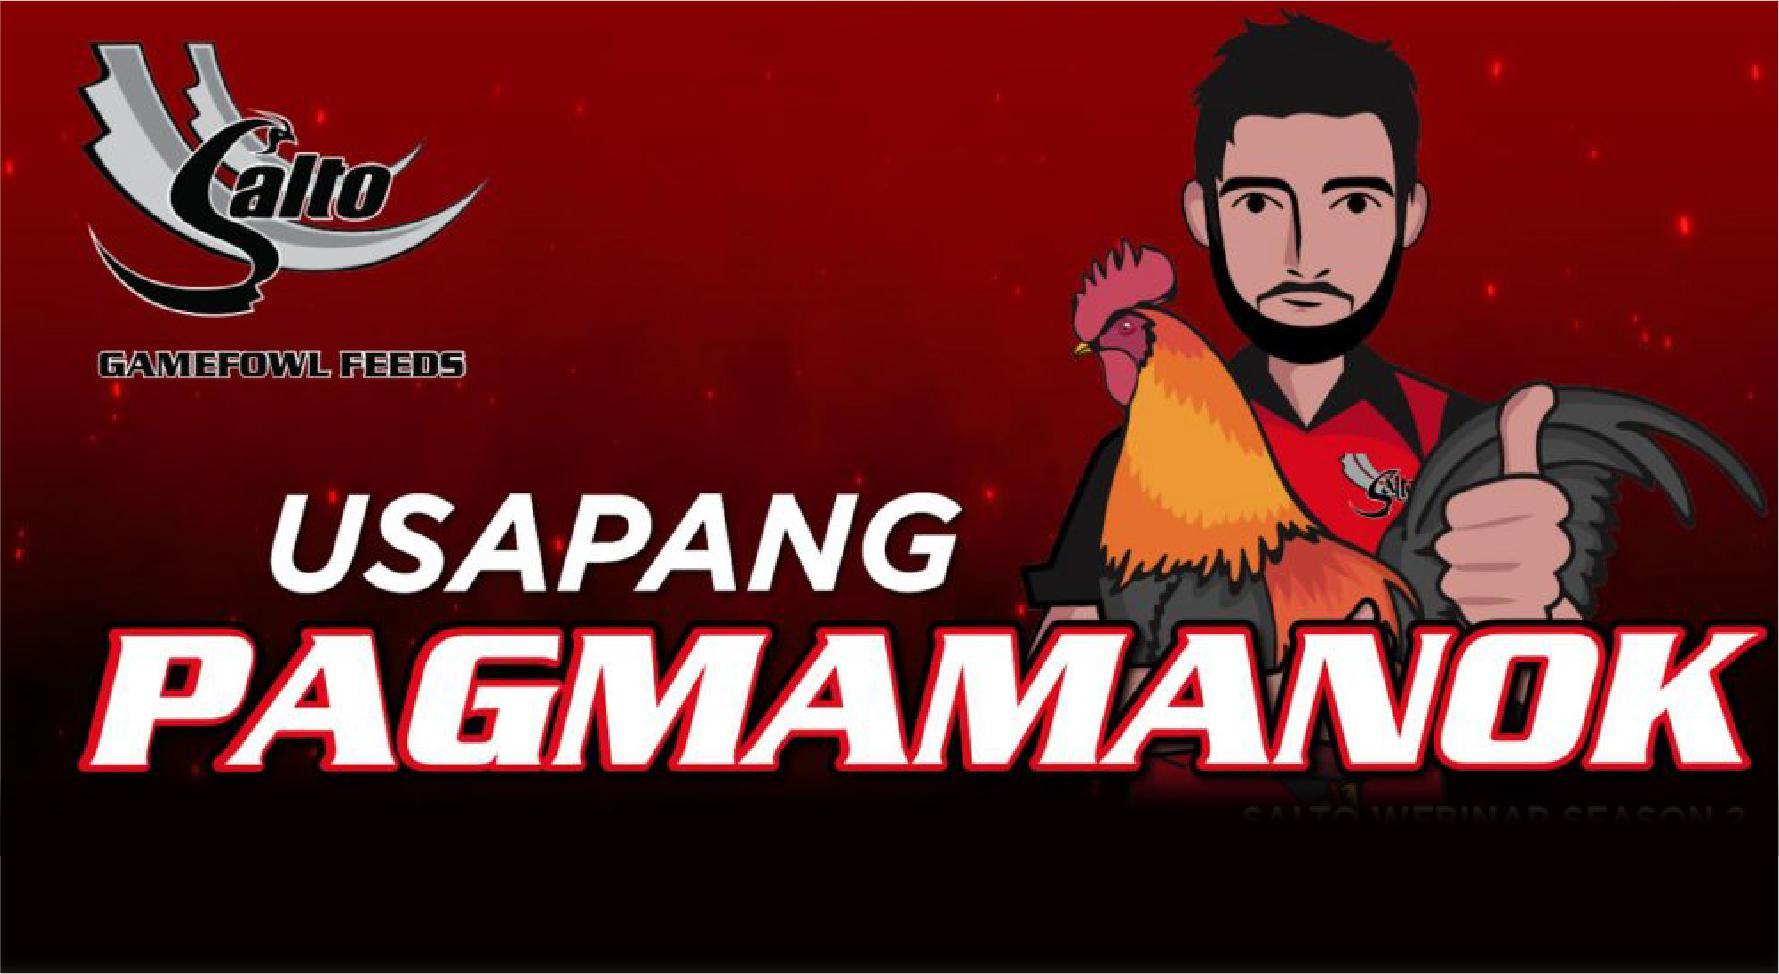 Usapang-Pagmamanok-01